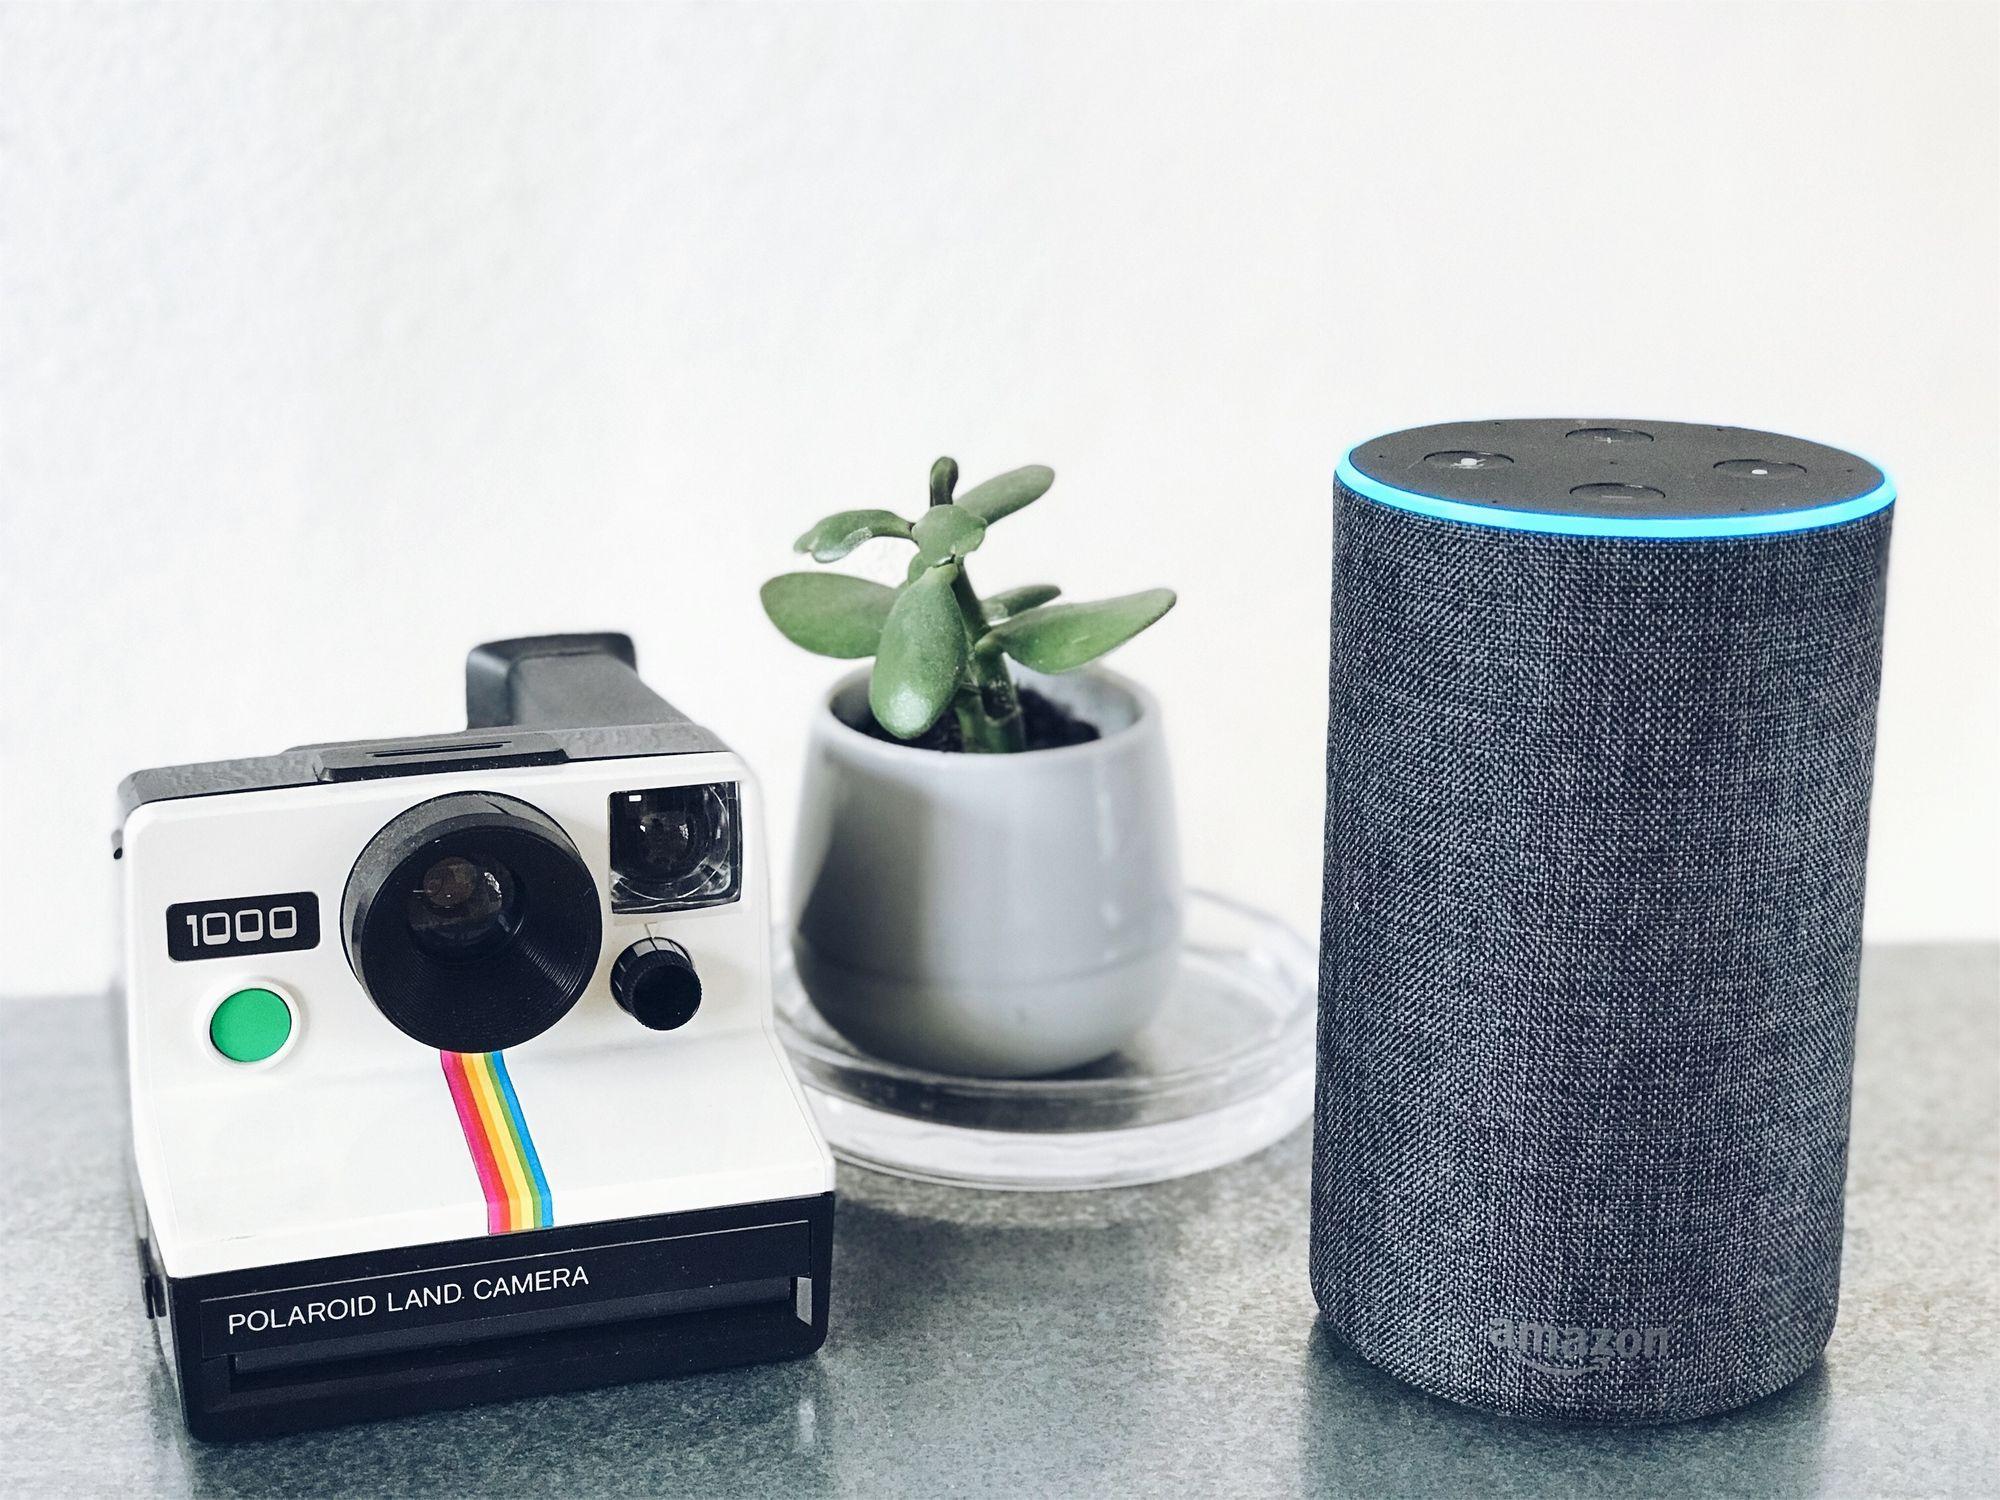 A aceitação do consumidor às novas tecnologias no varejo